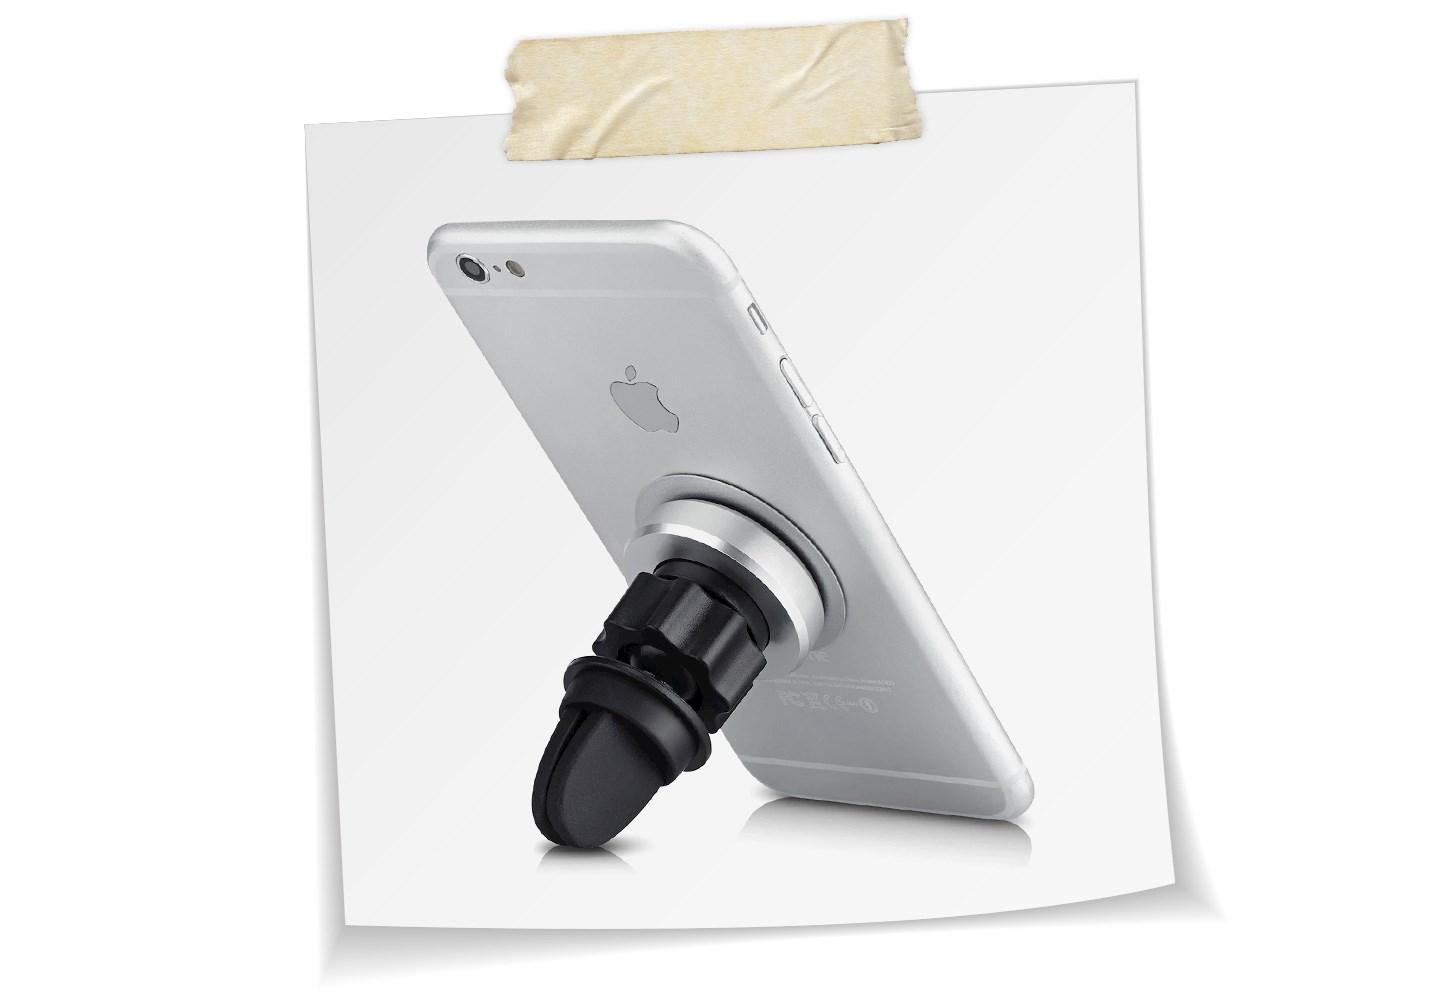 Mobilholdere og gadgets